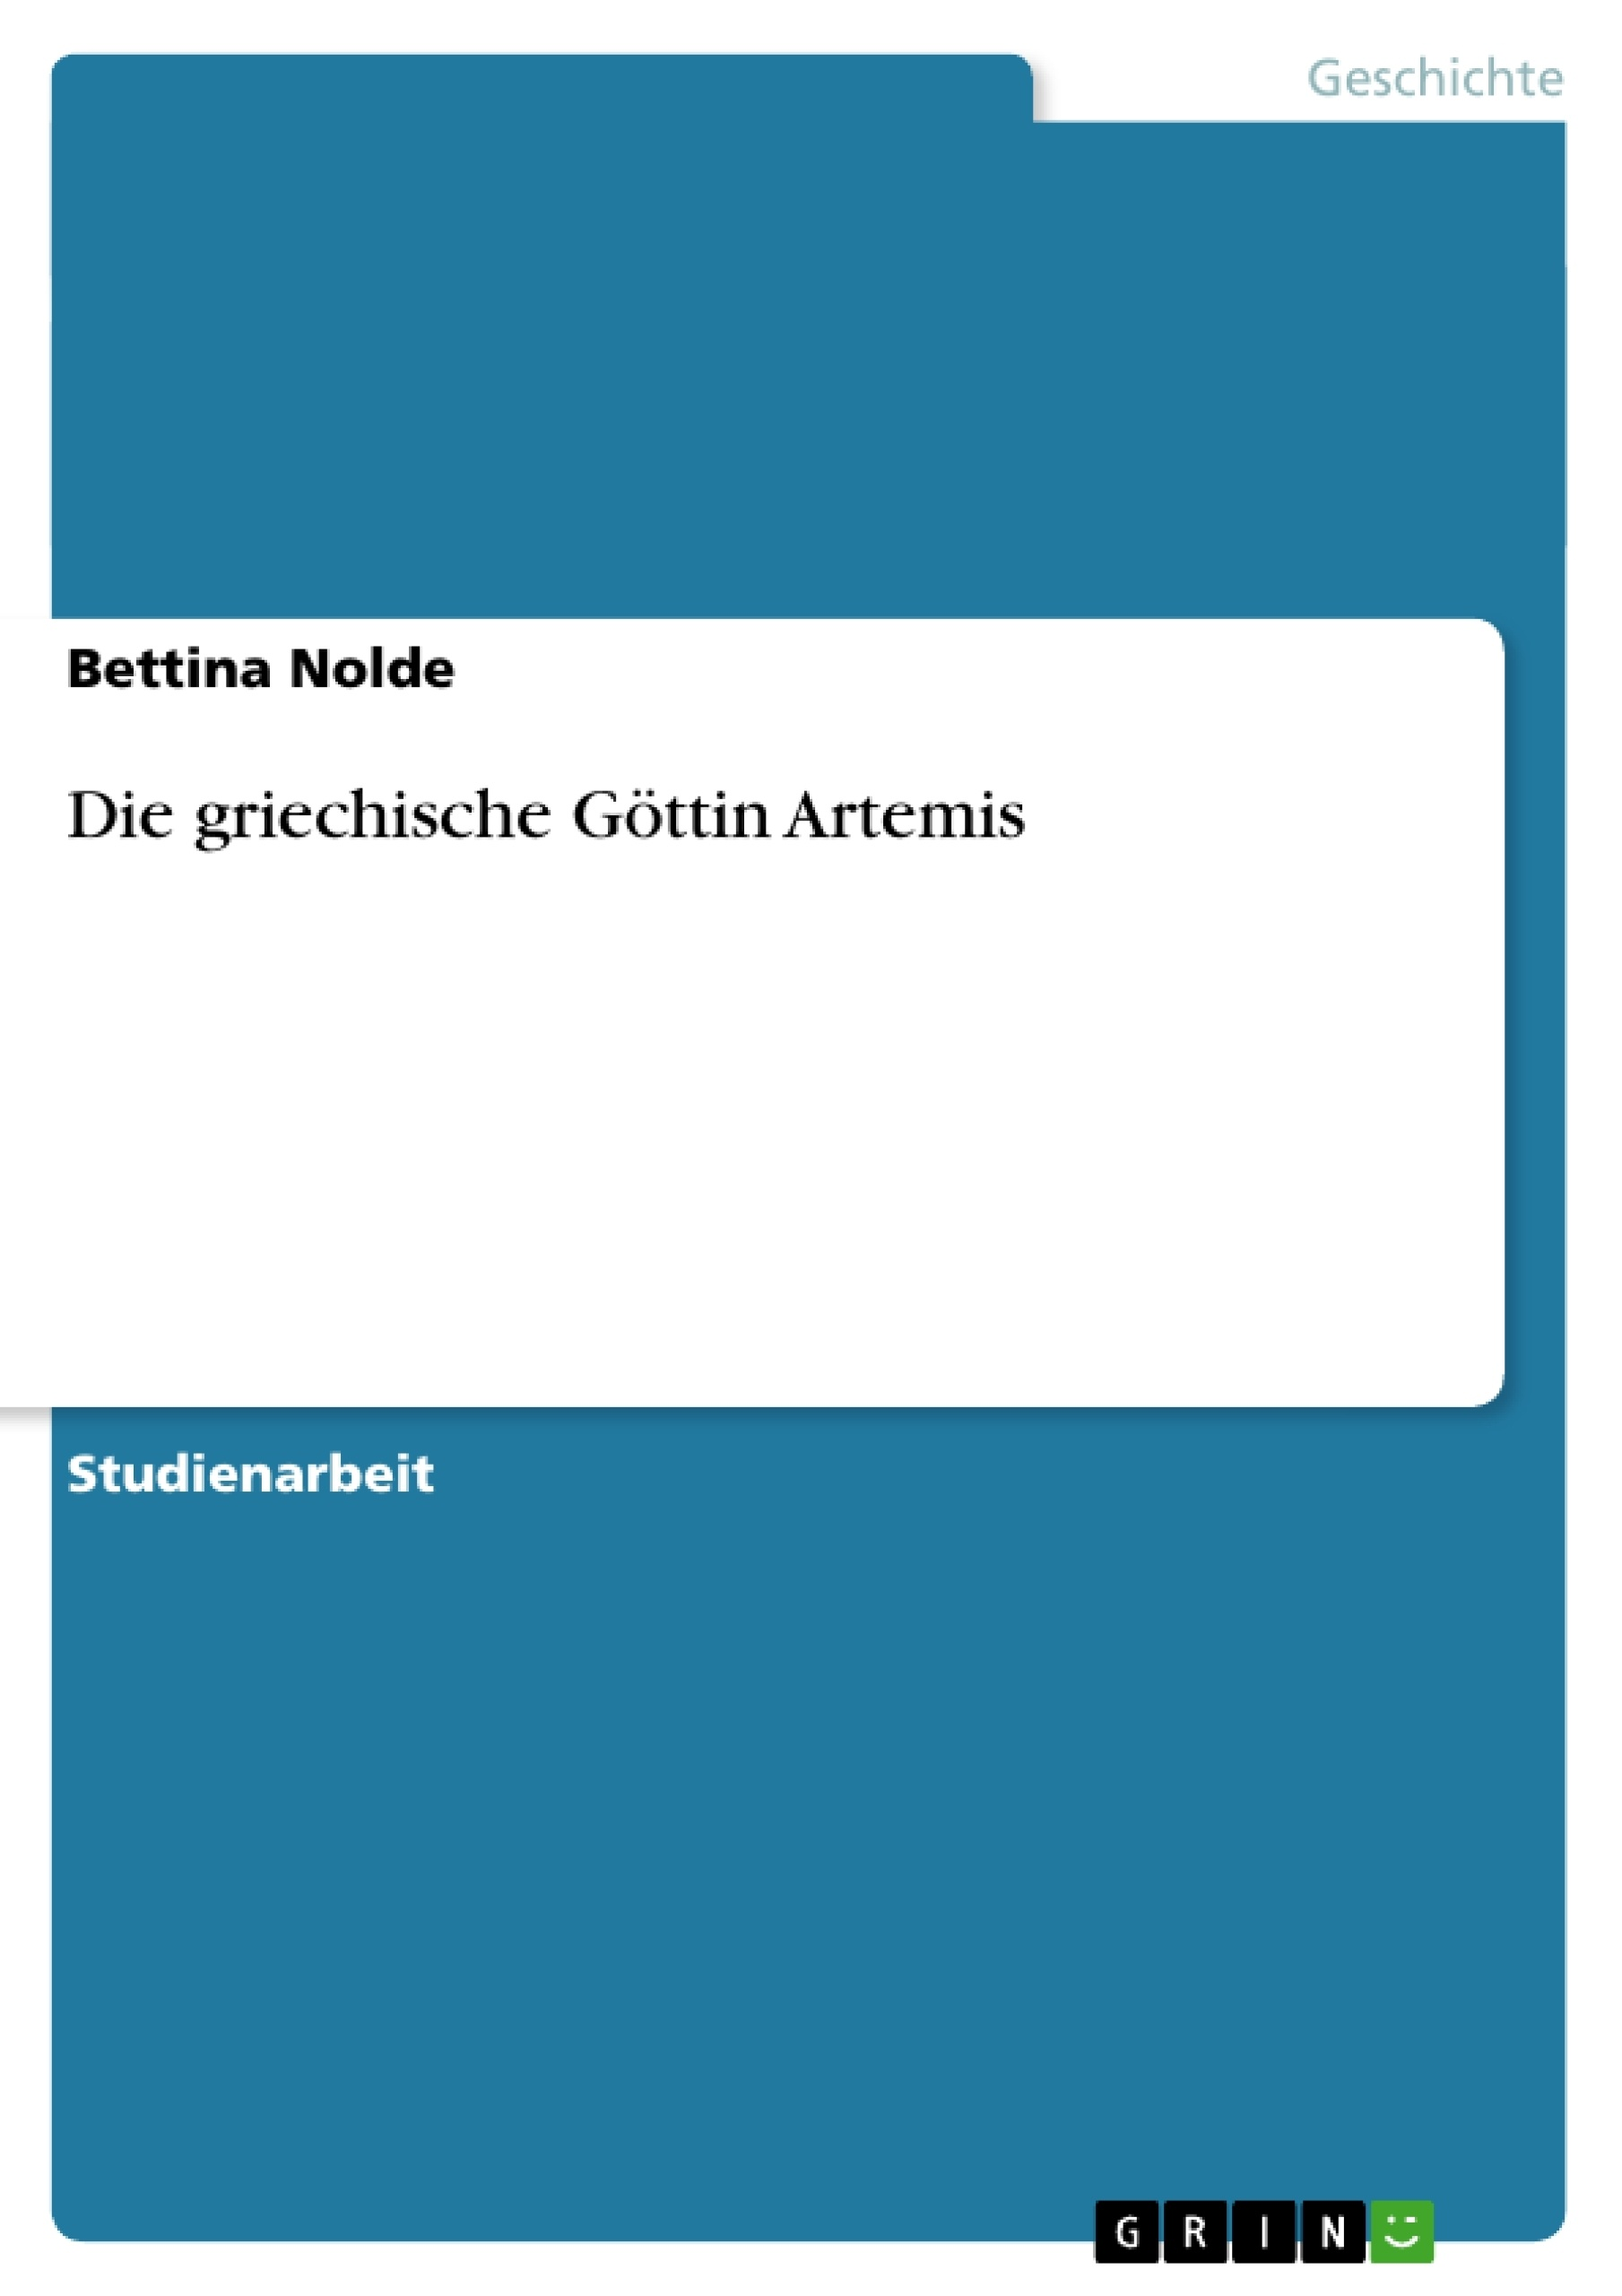 Titel: Die griechische Göttin Artemis